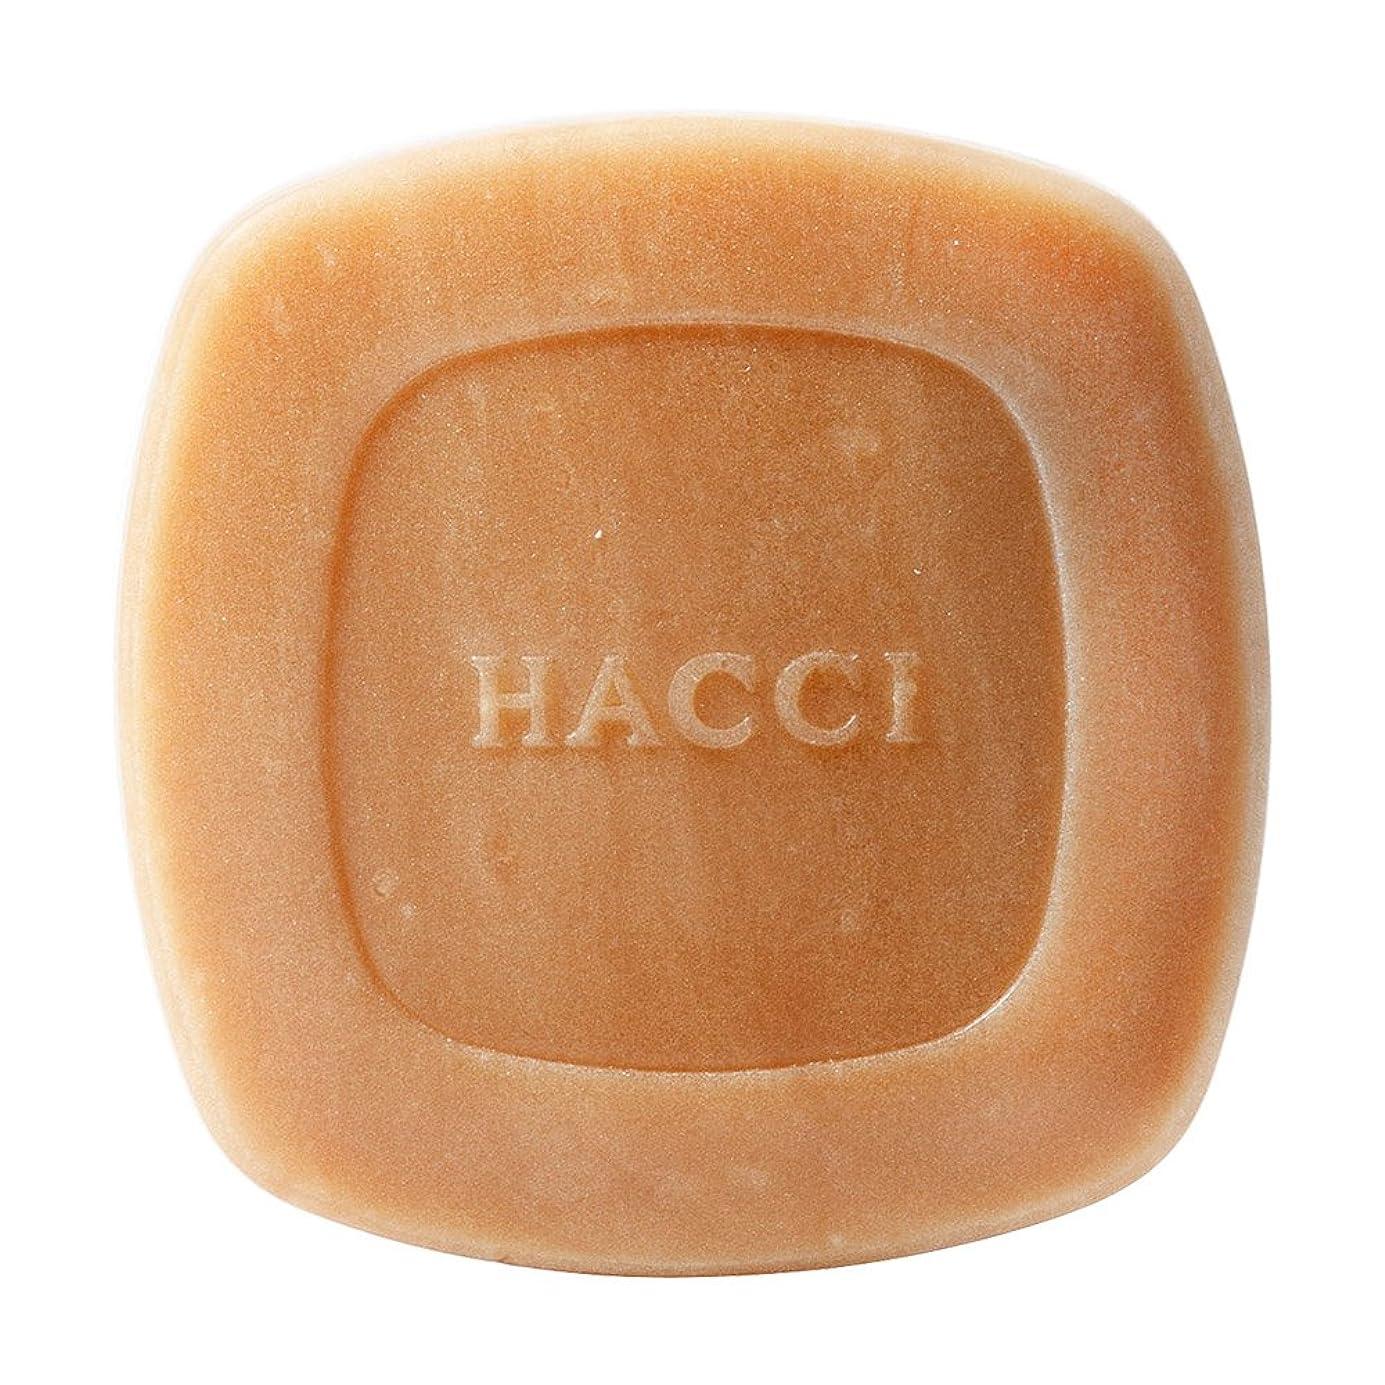 真鍮伝染病ばかげたHACCI 1912(ハッチ1912) はちみつ洗顔石けん 80g